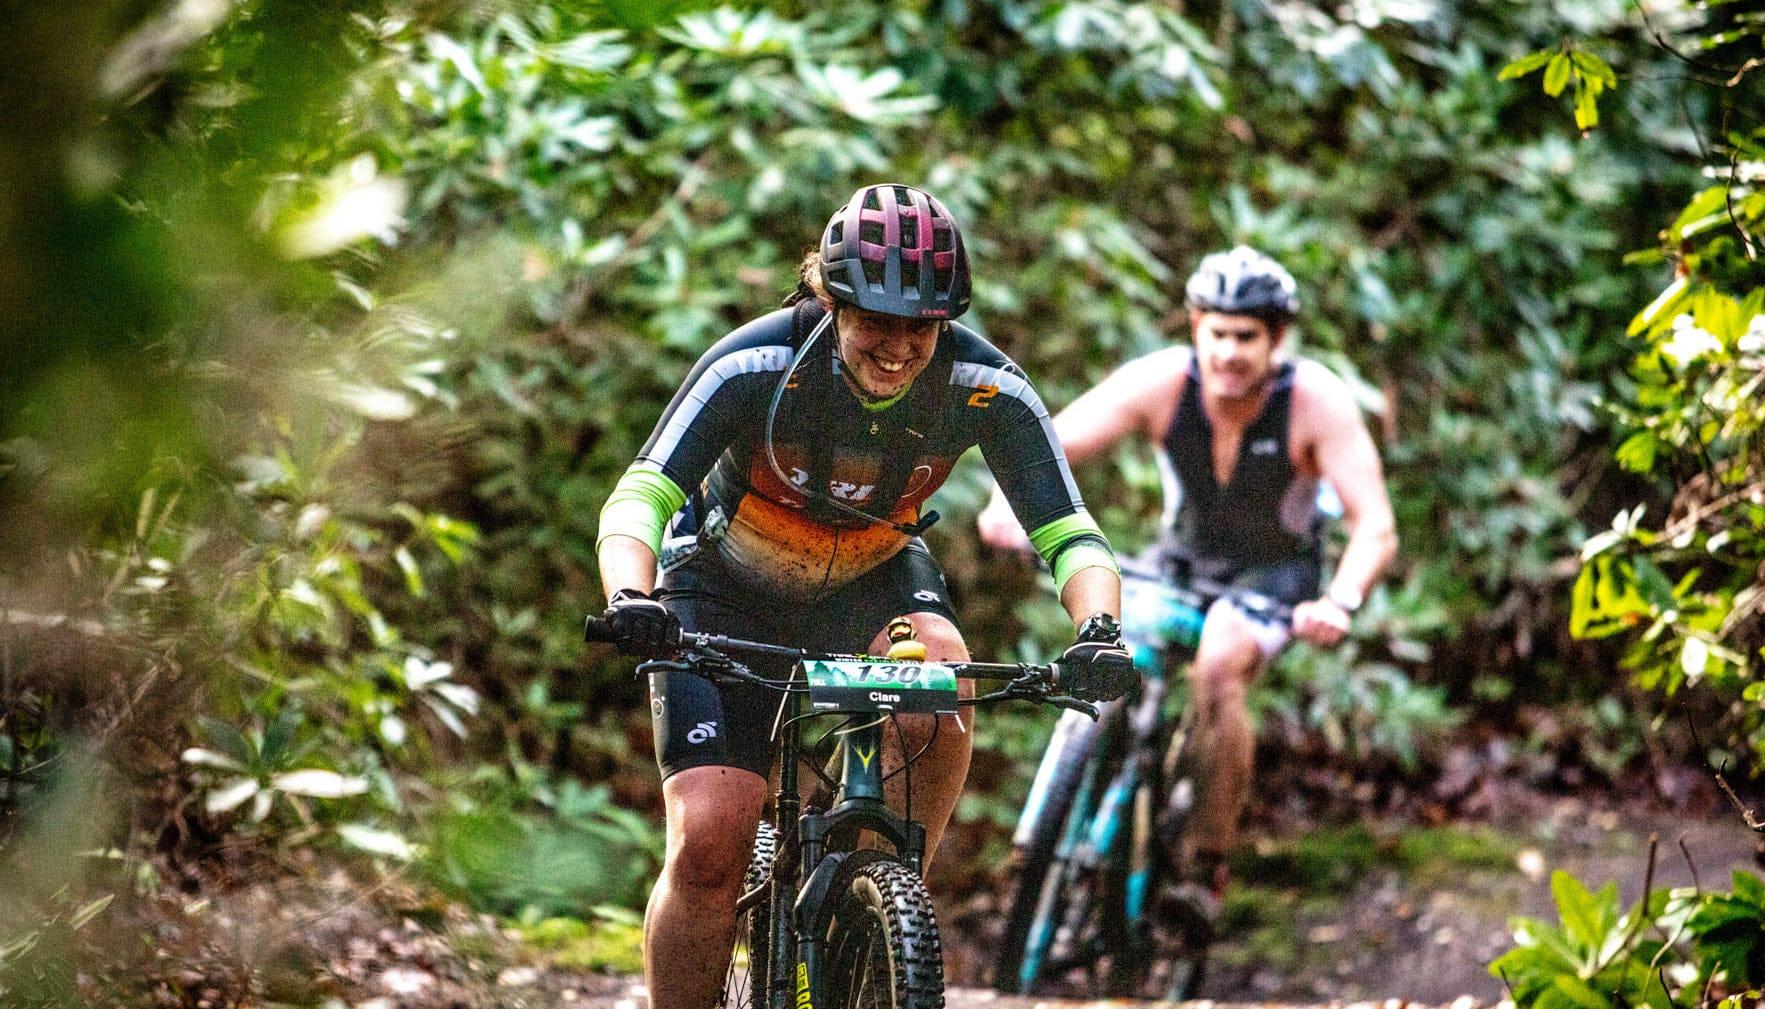 Trail X Winter Duathlon